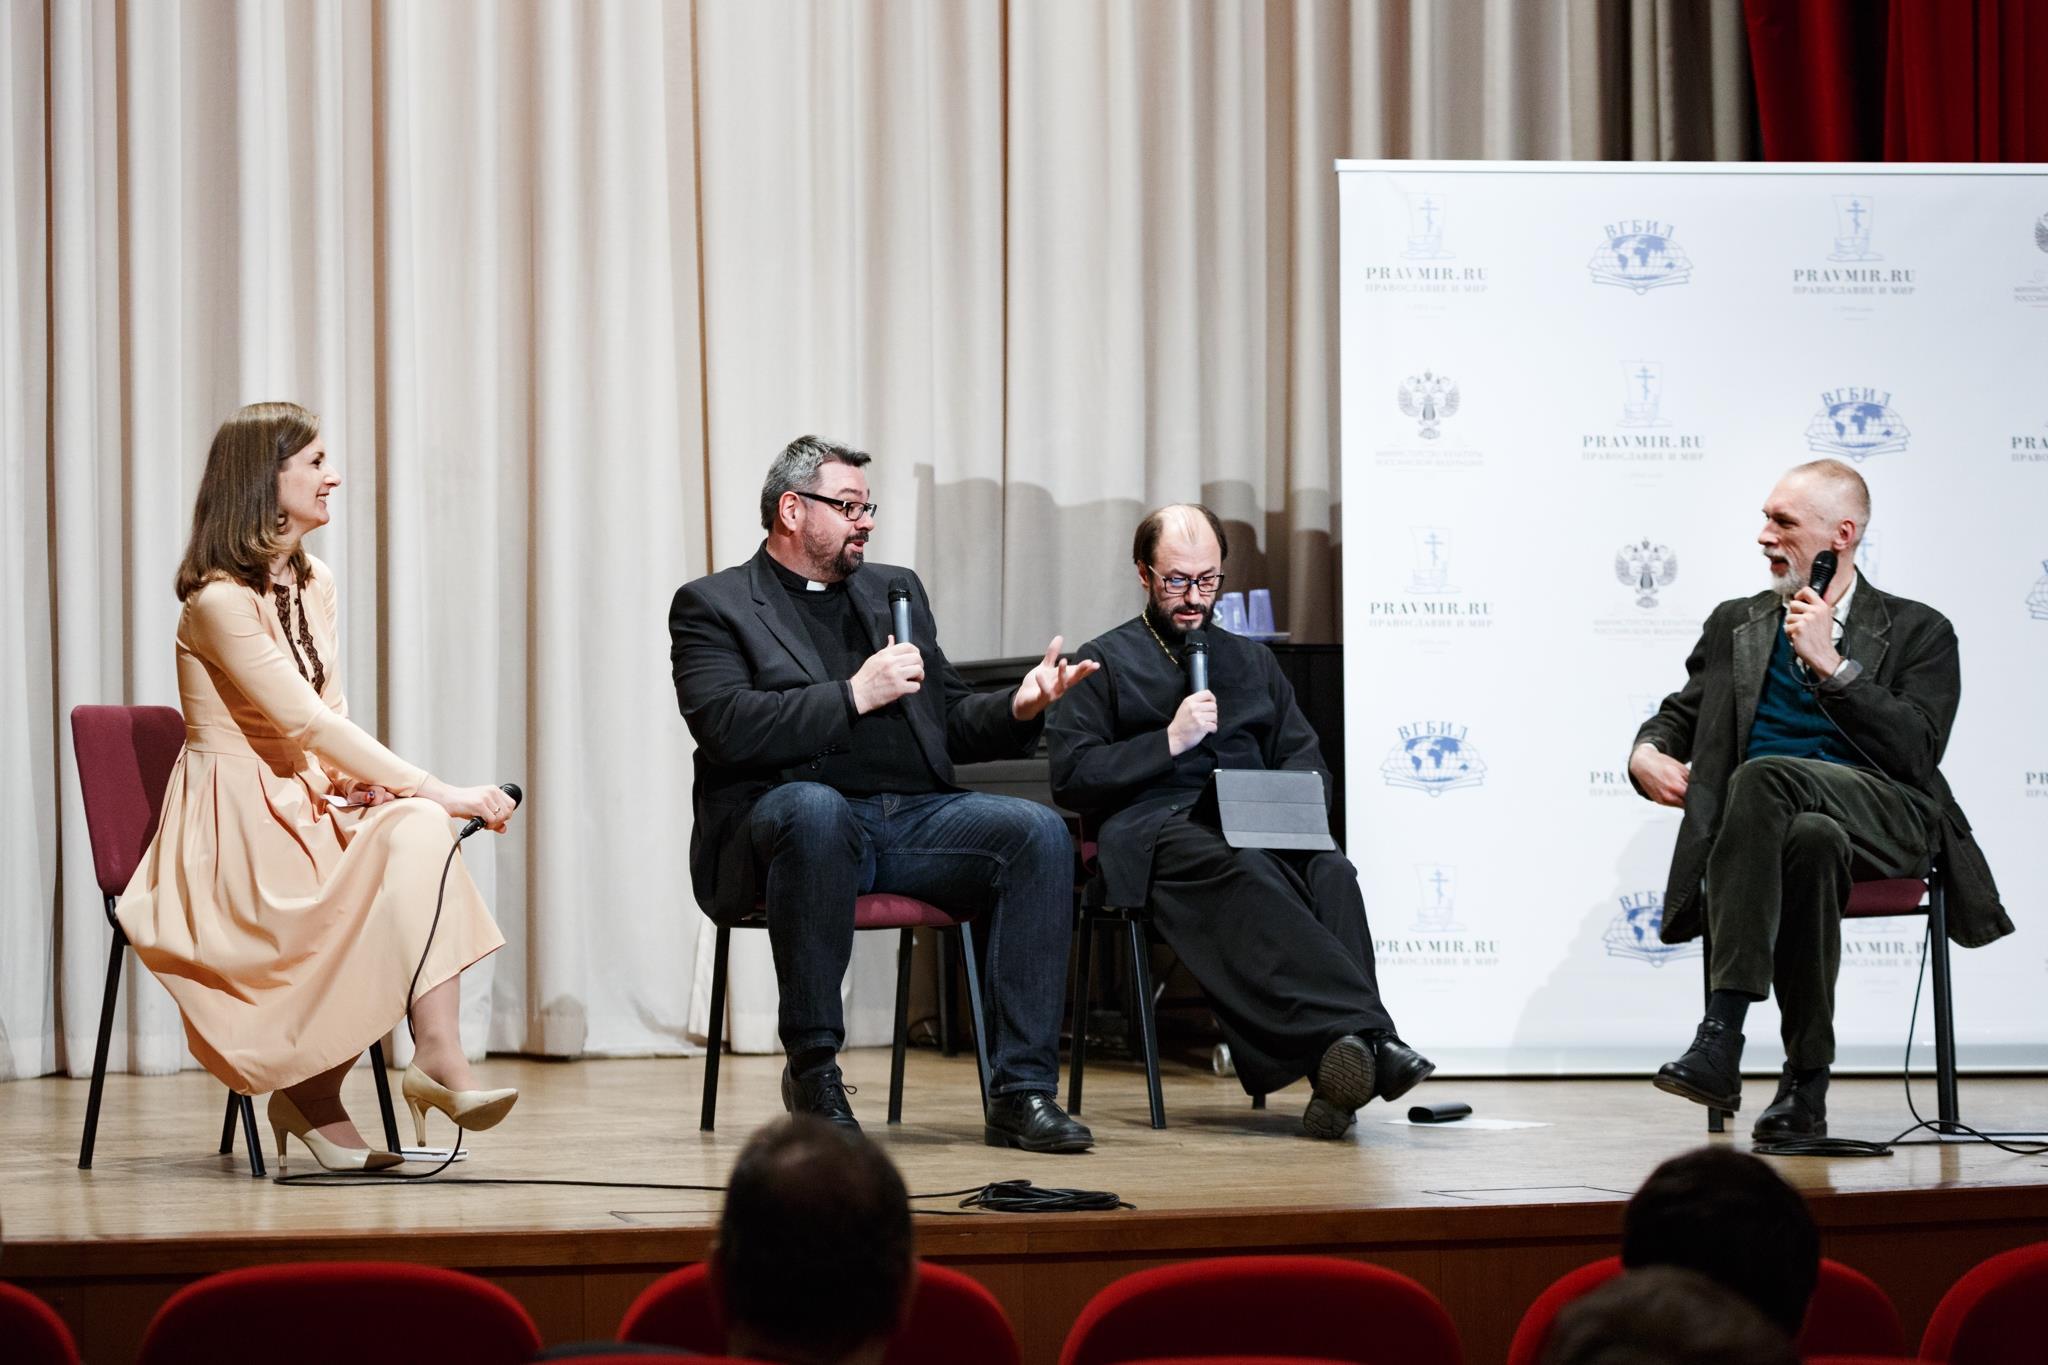 Участники дискуссии «Что мы думаем друг о друге» говорили об отношения между католиками и православными после встречи Папы и Патриарха